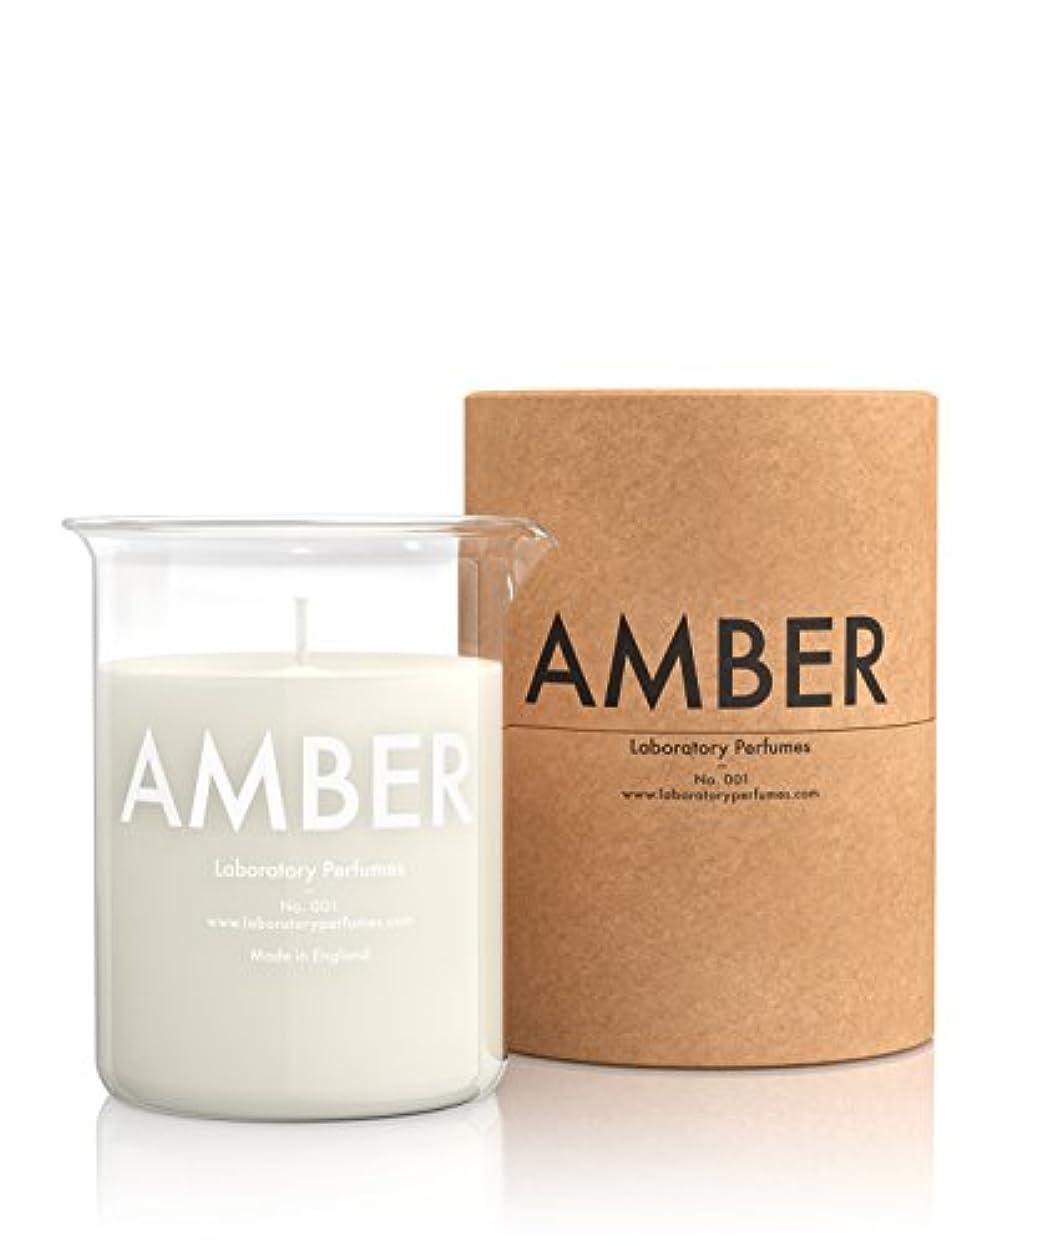 弾薬味コイルLabortory Perfumes キャンドル アンバー Amber (フローラルウッディー Floral Woody) Candle ラボラトリー パフューム